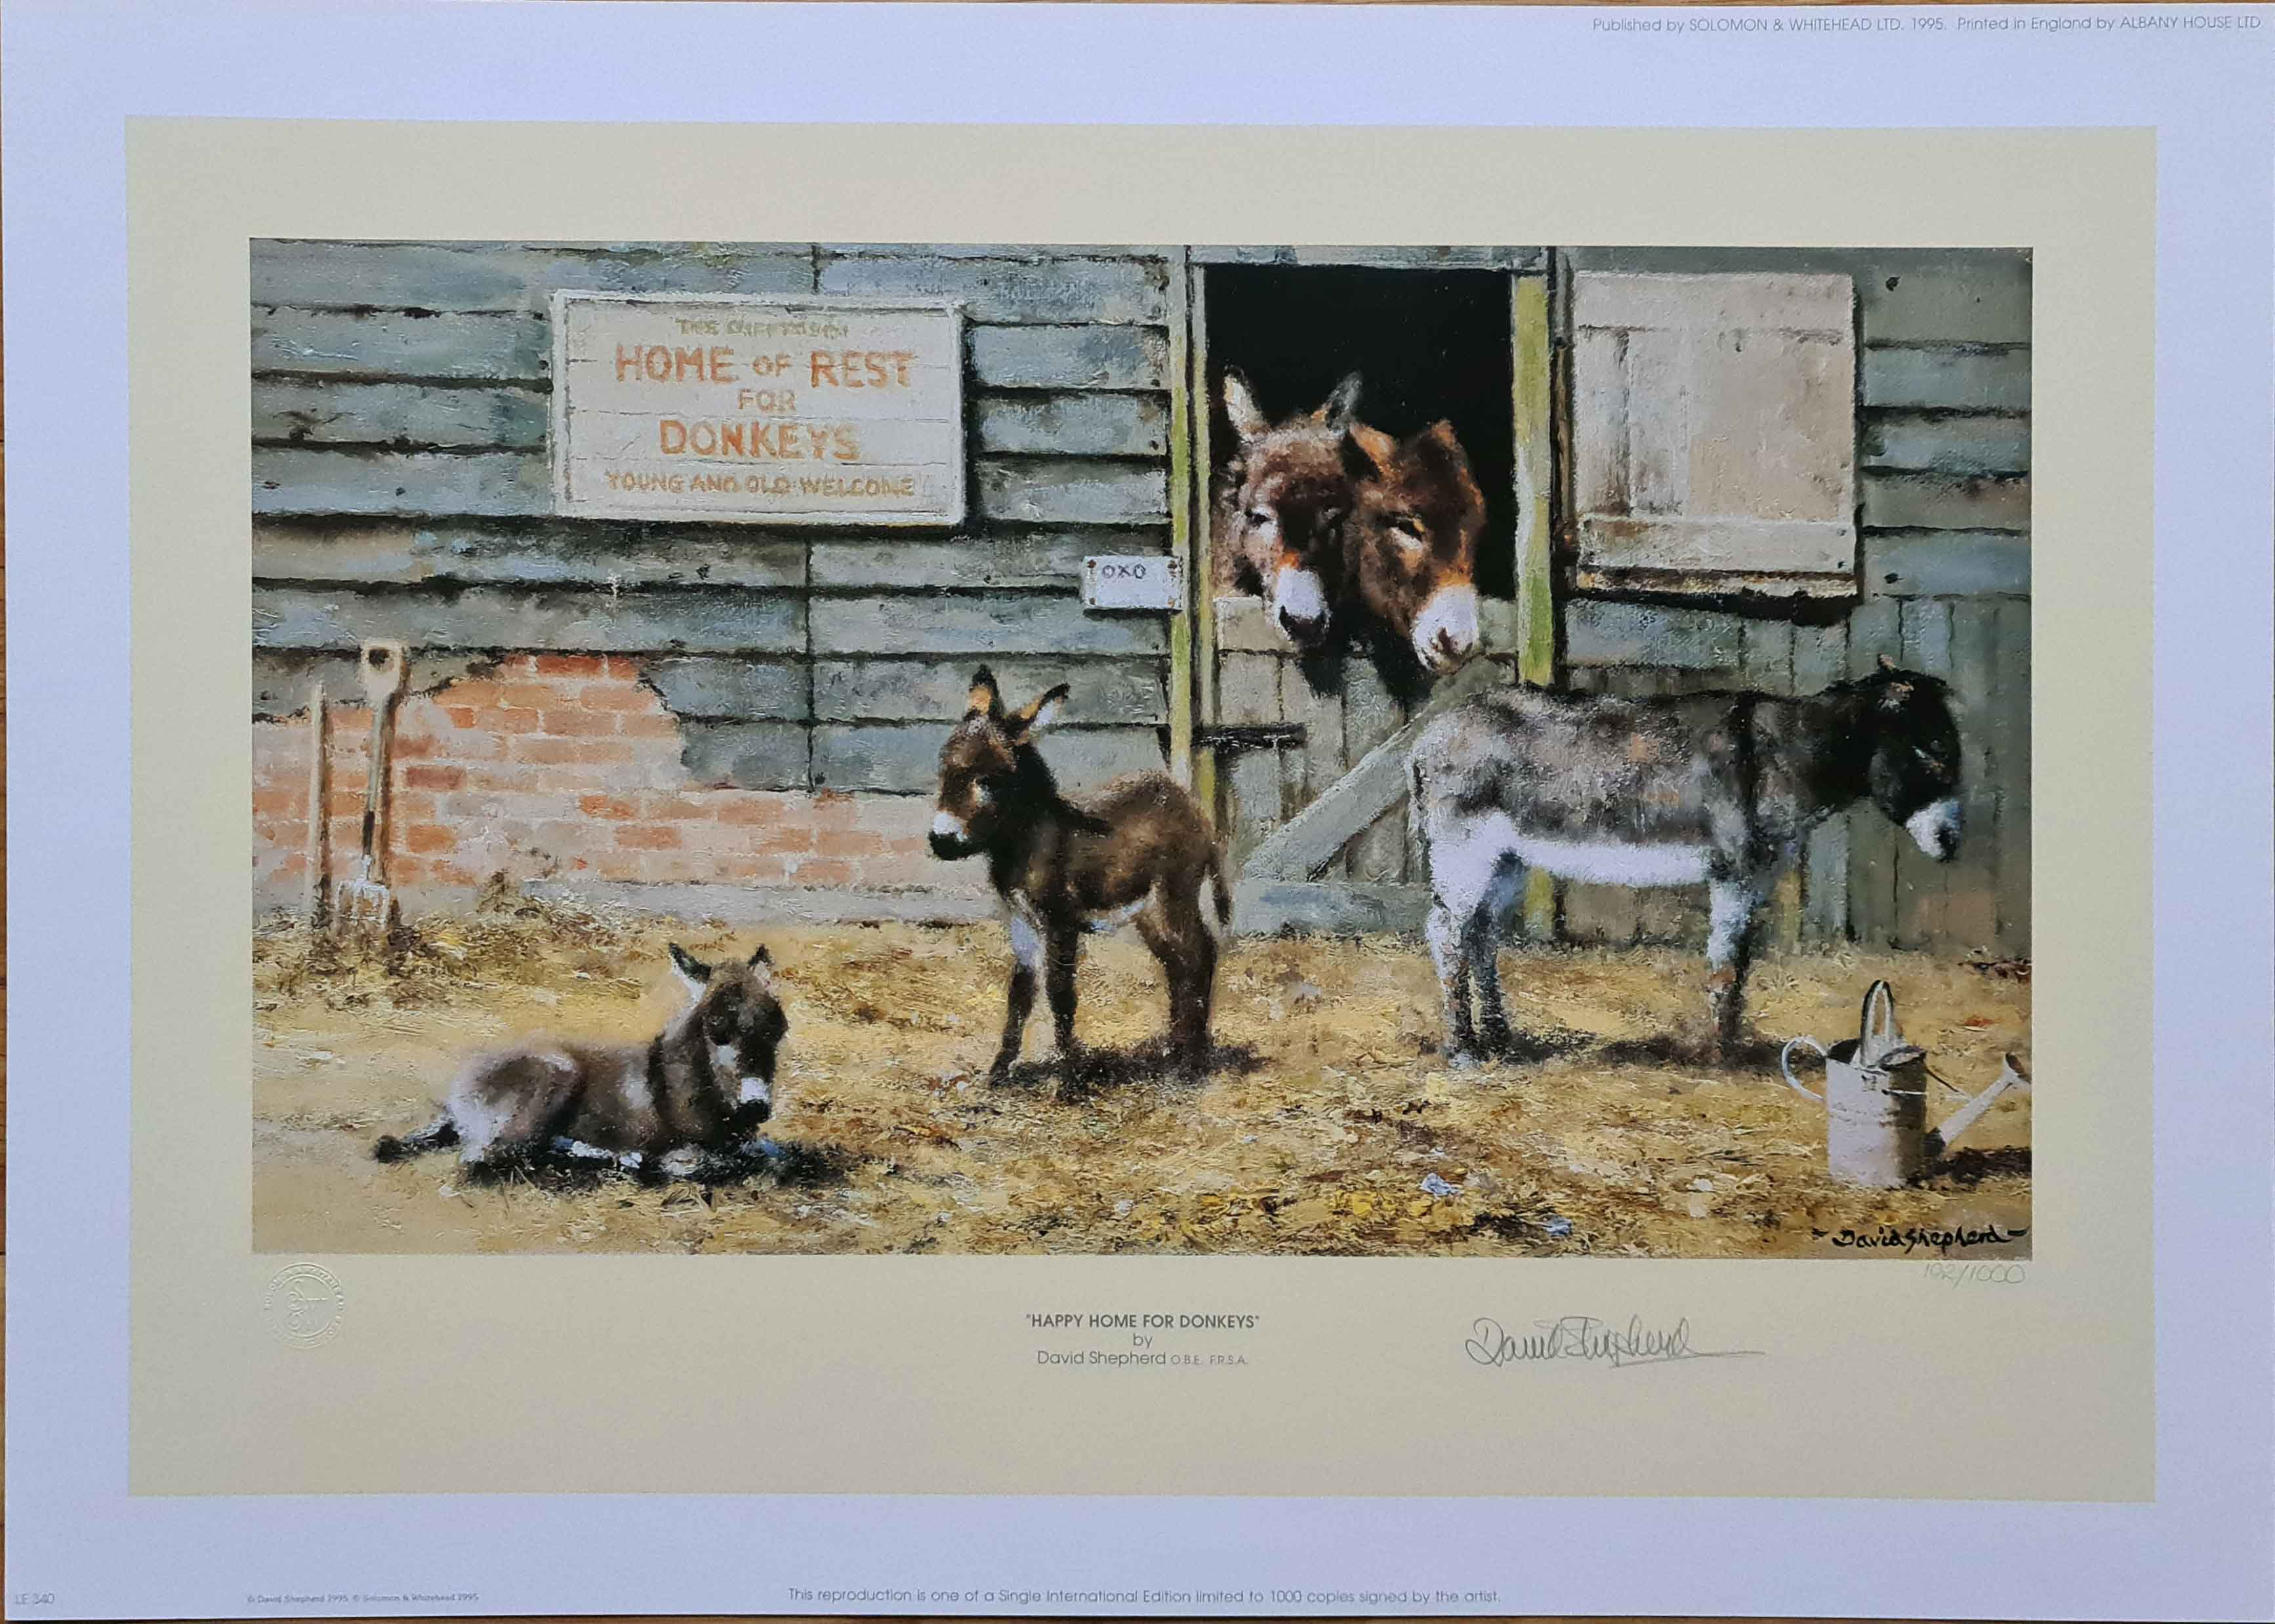 david shepherd happy home for donkeys